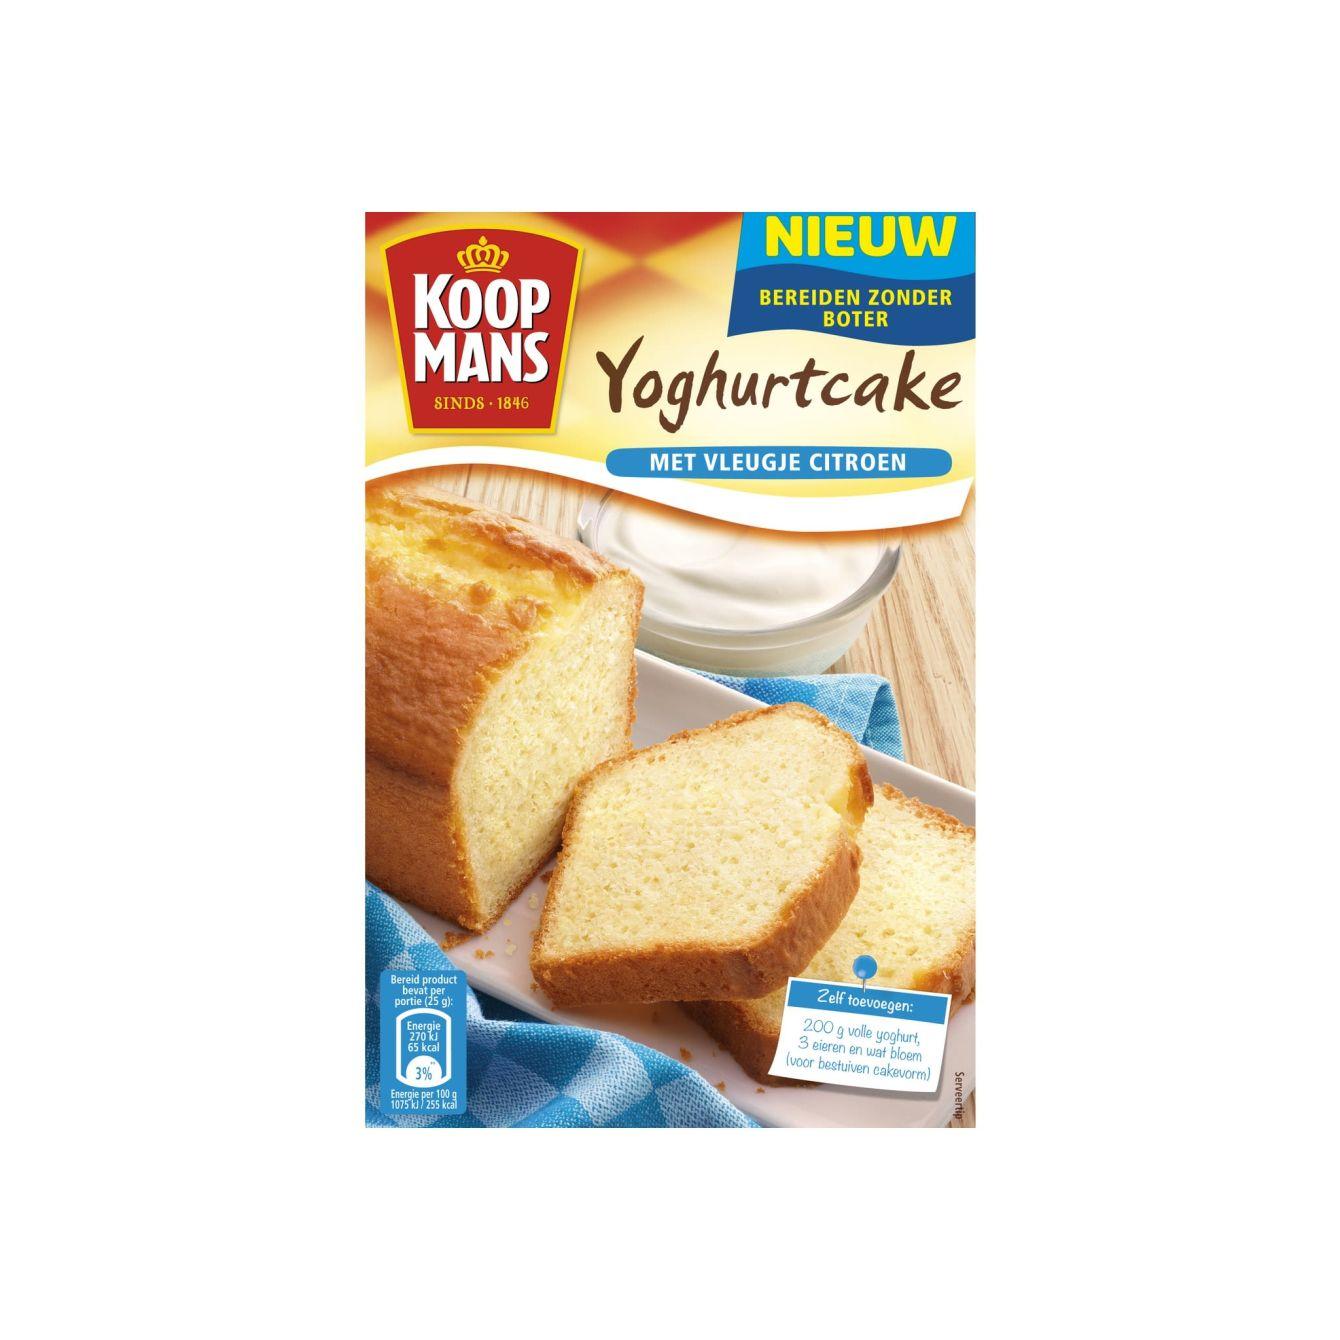 Koopmans Mix Voor Yoghurtcake Met Vleugje Citroen 370gr